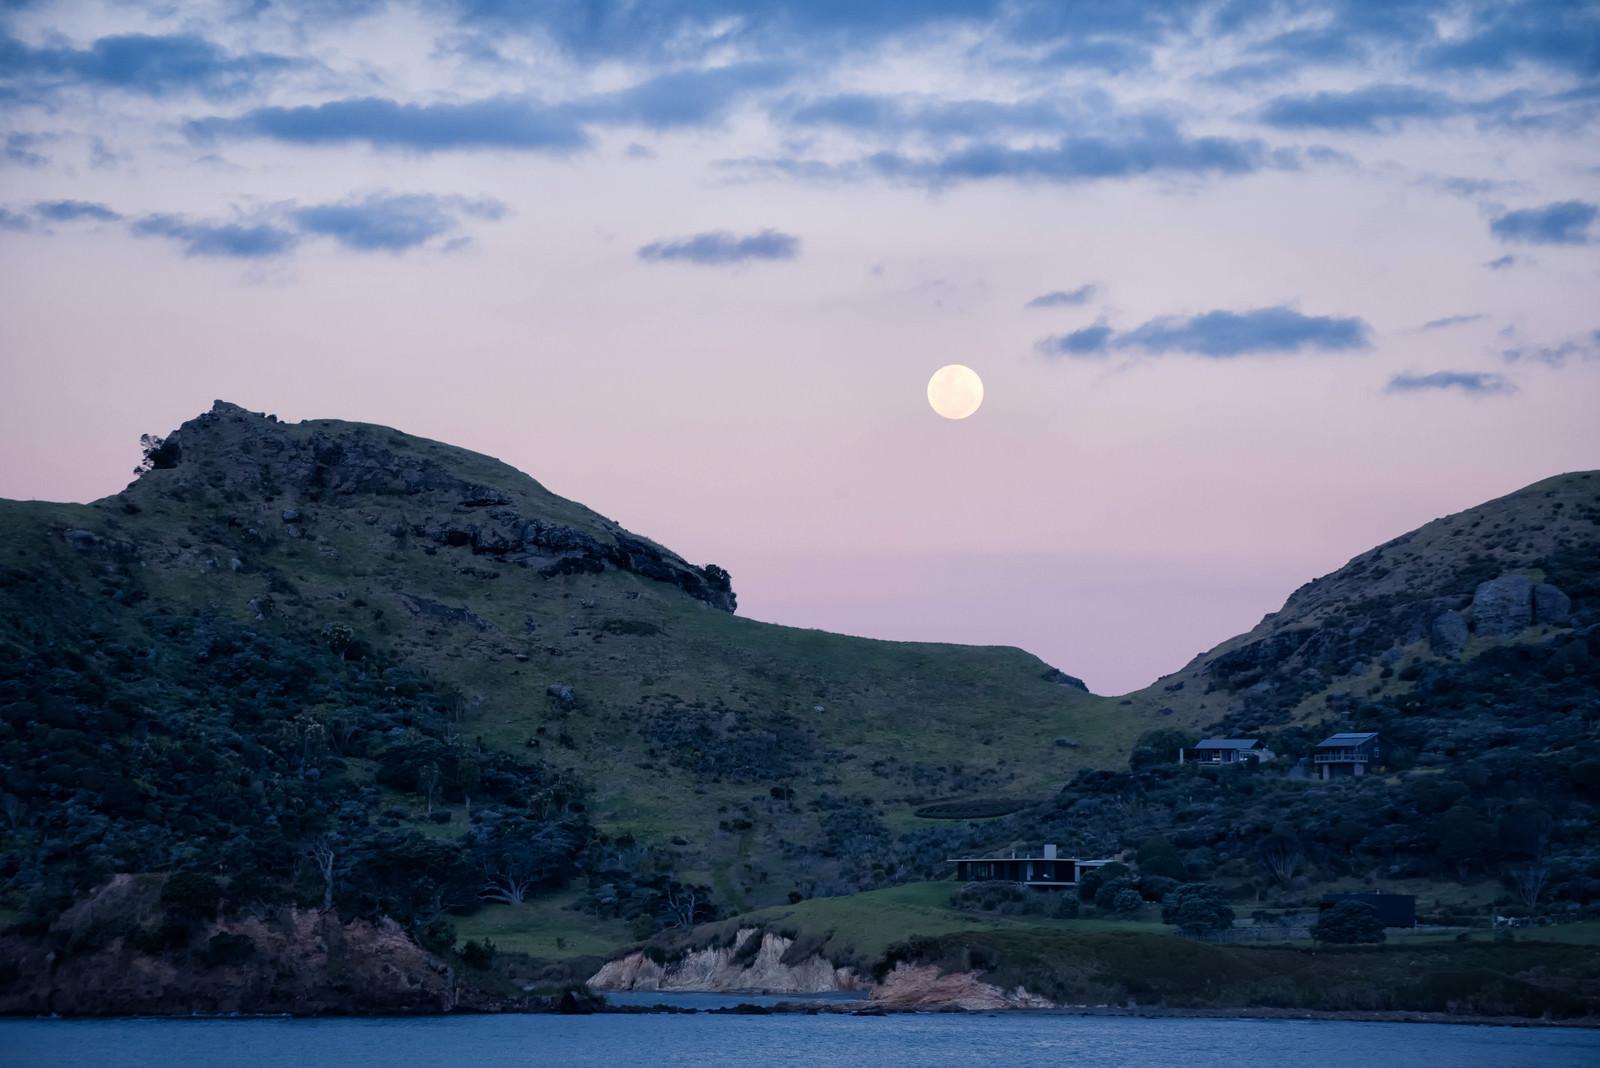 「グレートバリア島の海岸から見る満月(ニュージーランド)」の写真